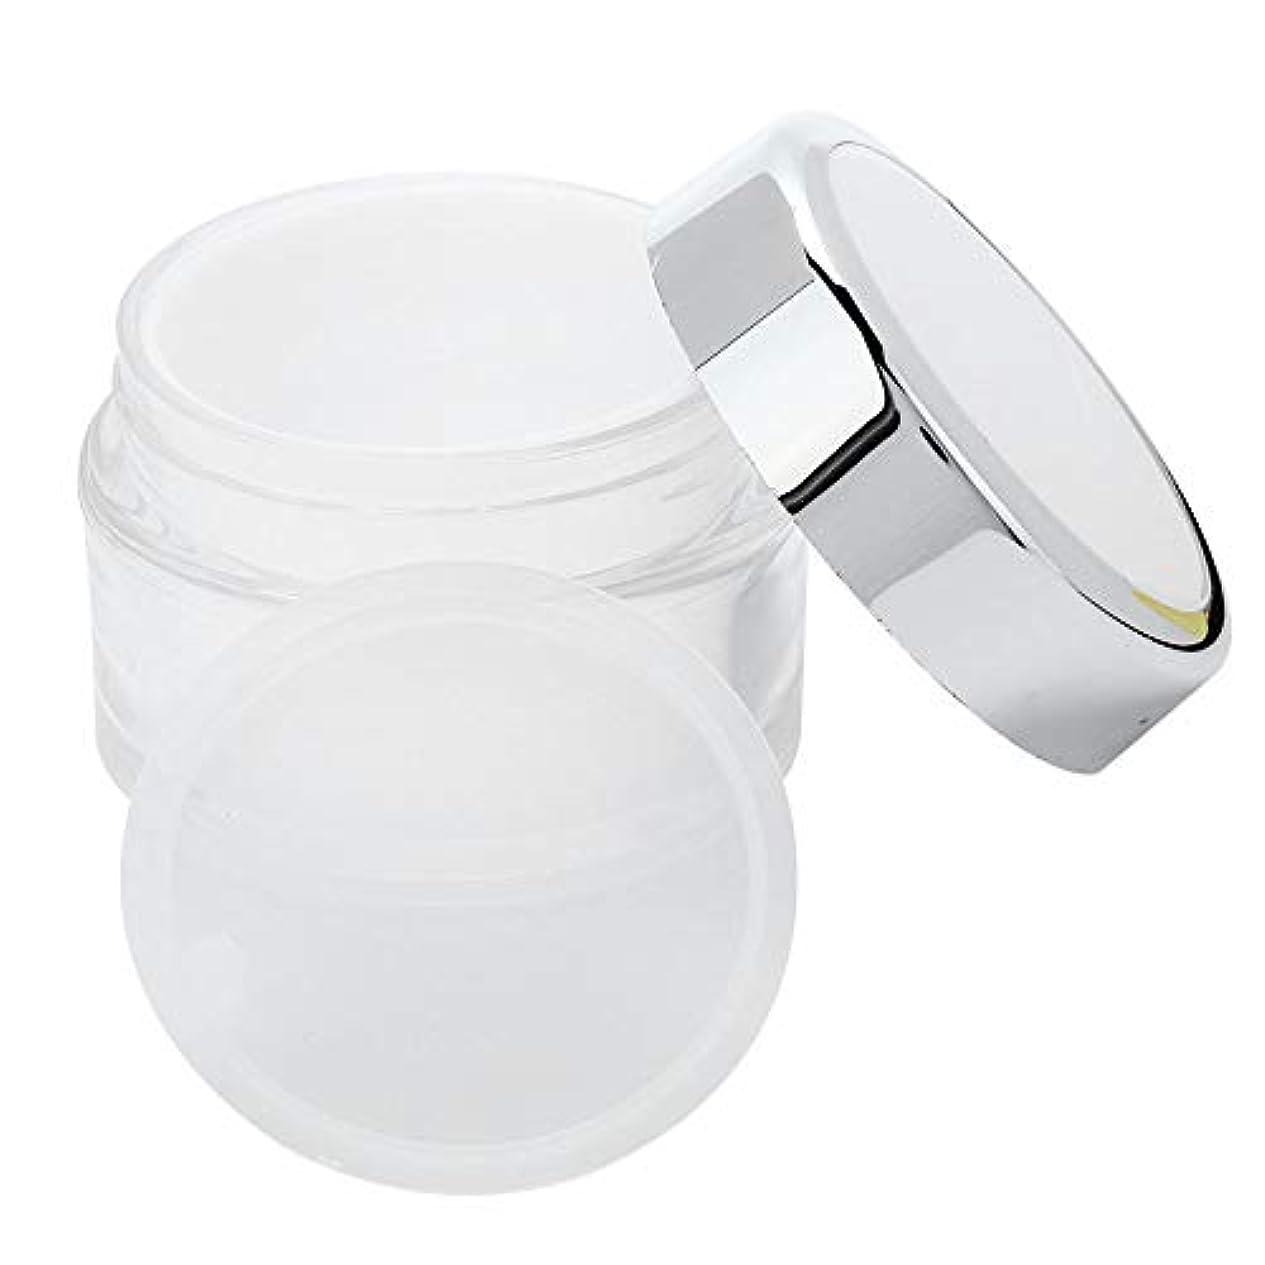 人質生息地ワーディアンケース詰め替え式 ジャーフェイスクリーム マスク 空ボトル DIY スキンケア ジェルペーストコンテナ50g